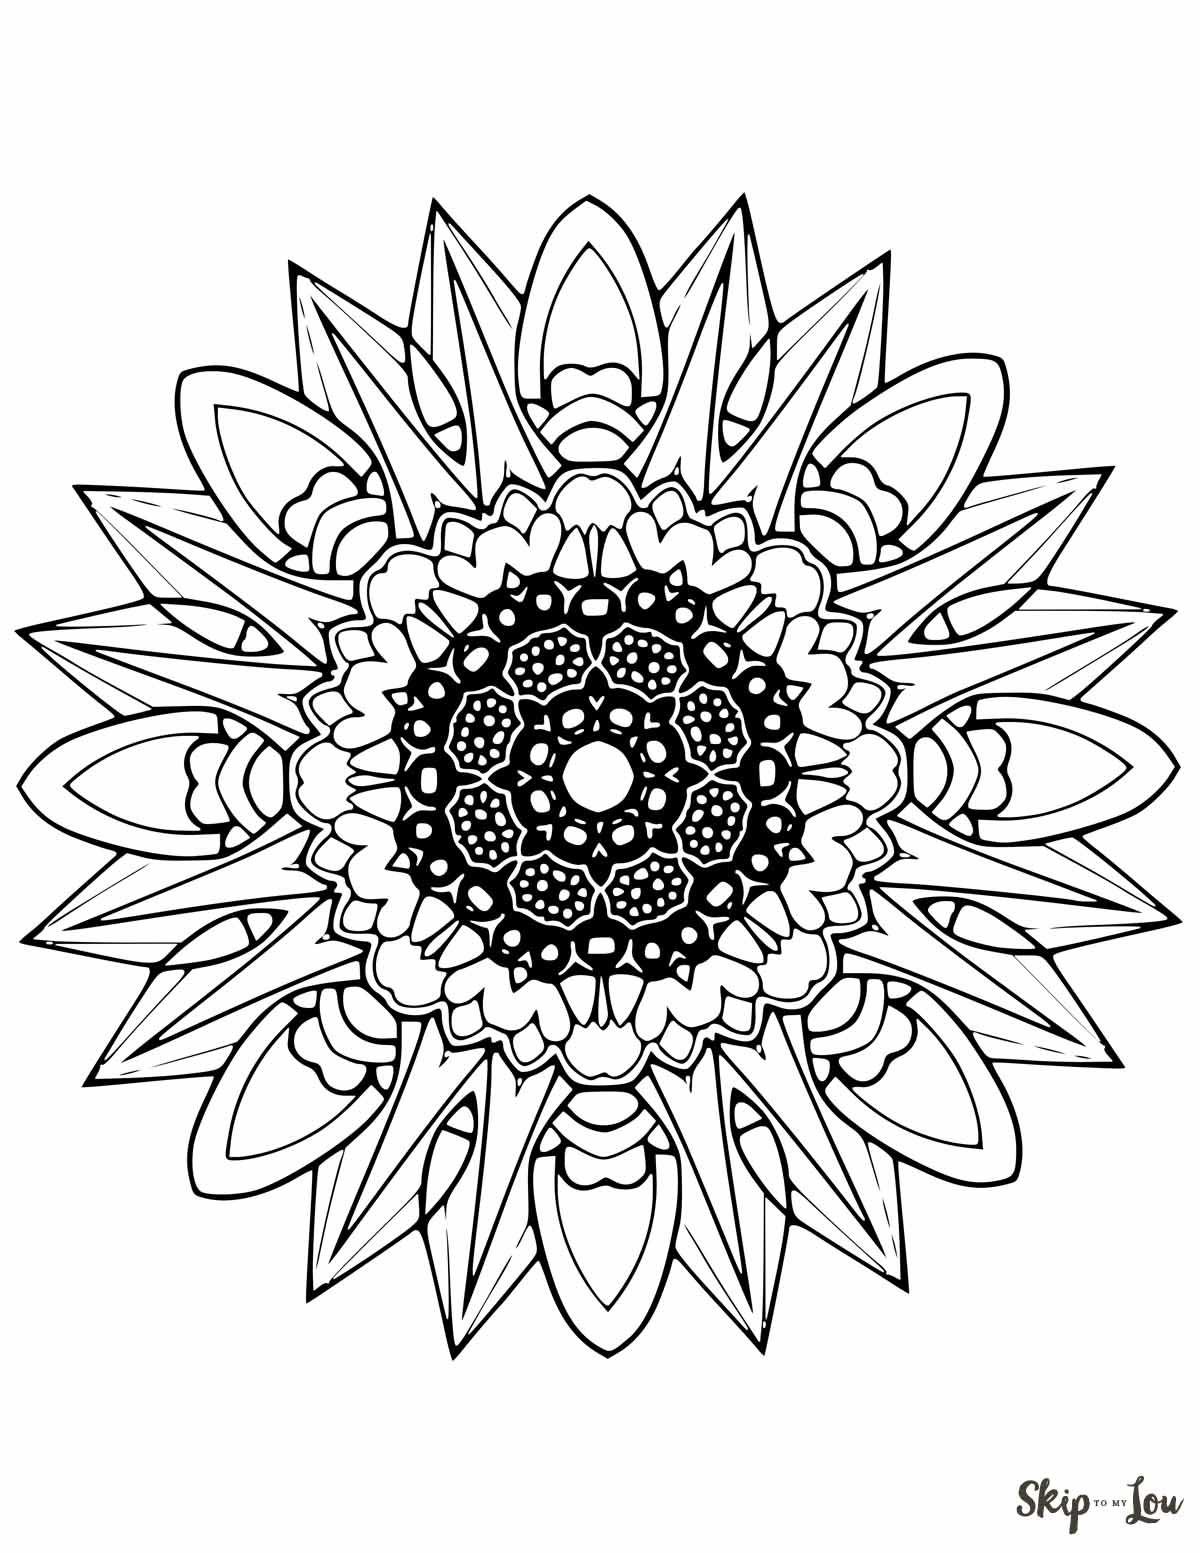 Beautiful Free Mandala Coloring Pages Mandala Coloring Pages Mandala Coloring Books Unicorn Coloring Pages